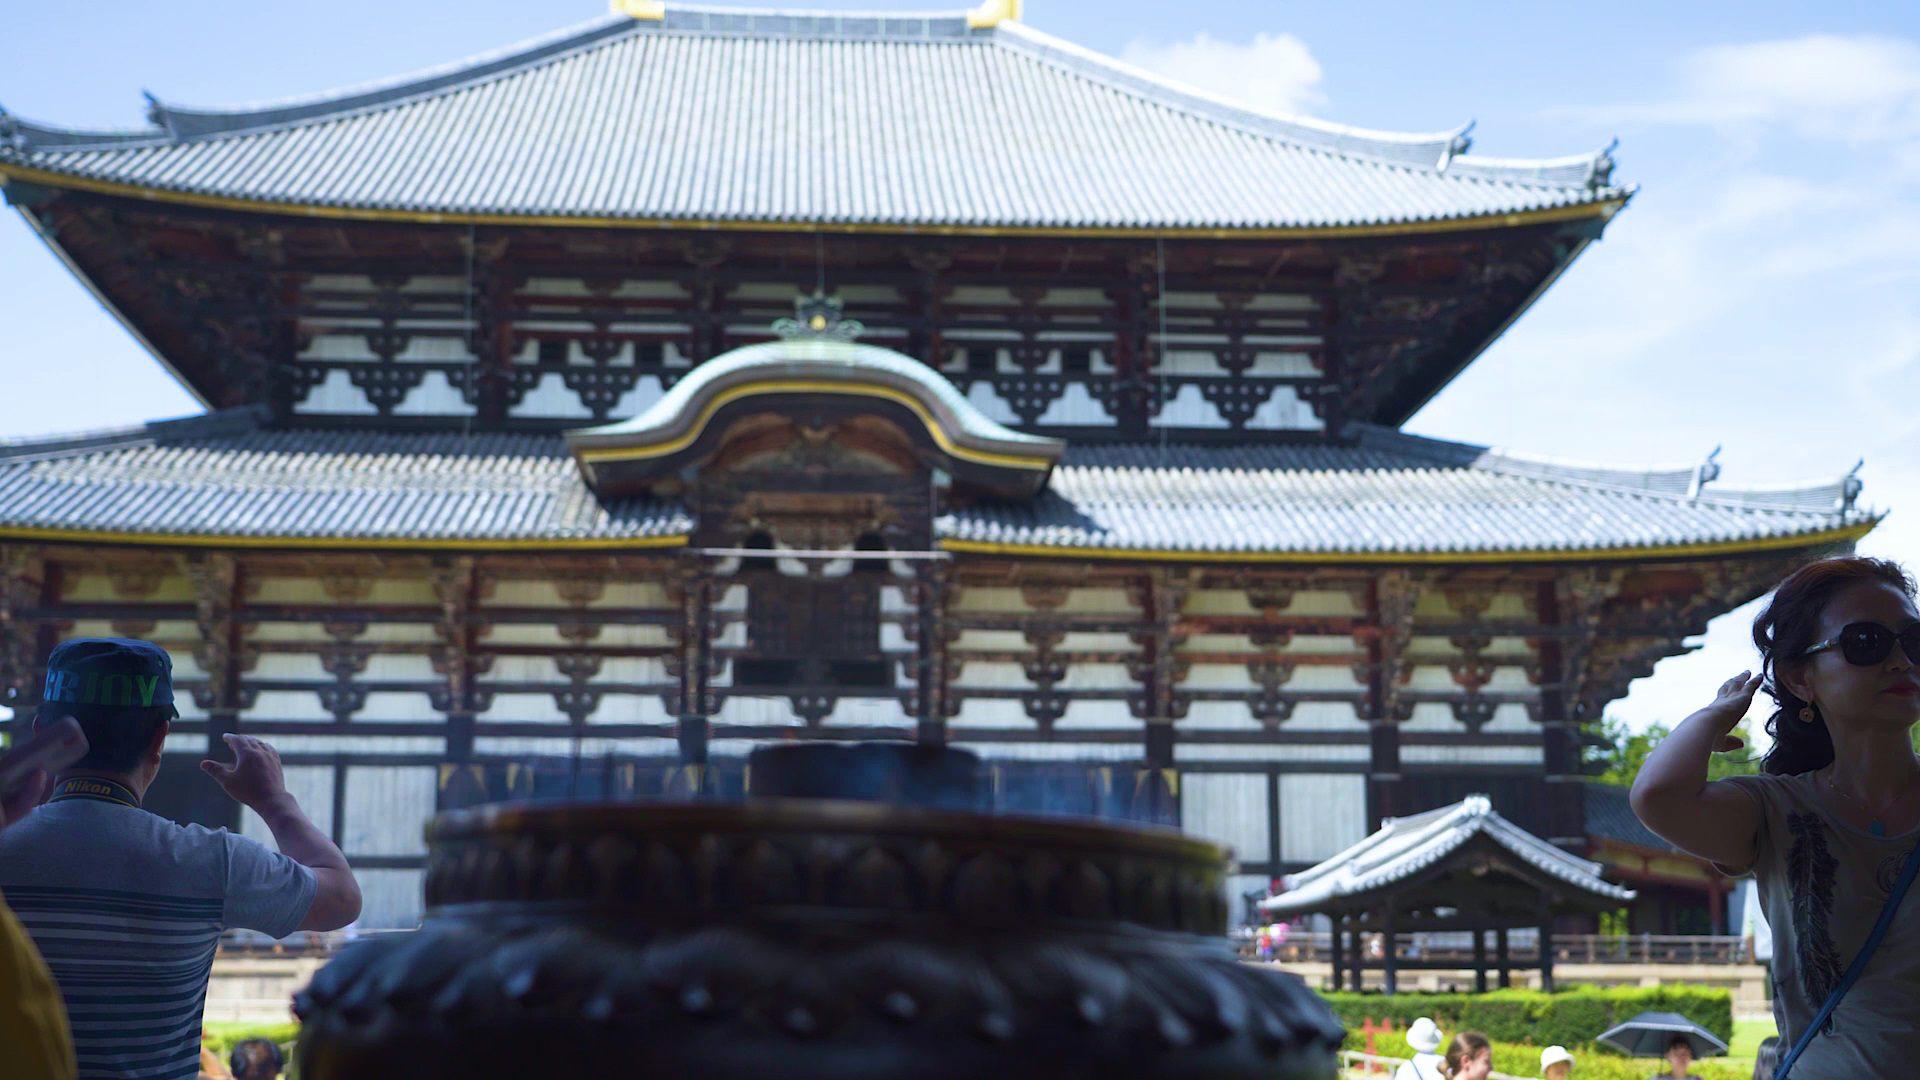 充滿震撼力的東大寺大佛殿